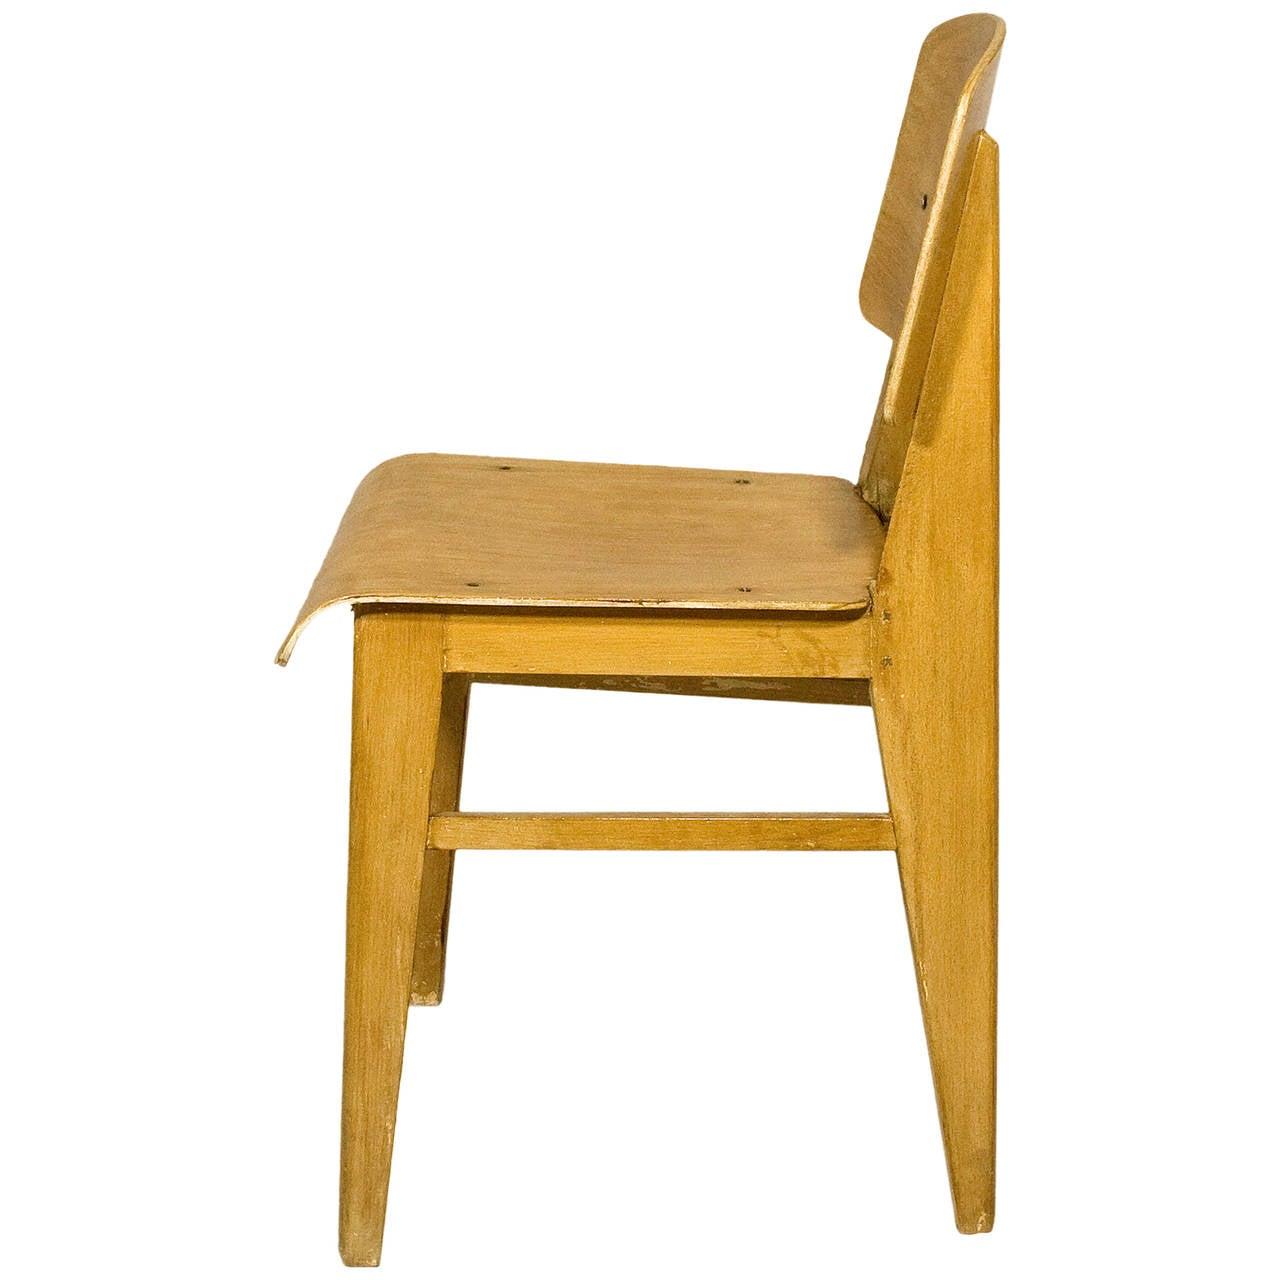 Jean Prouve Chaise en Bois Wooden Standard Chair circa